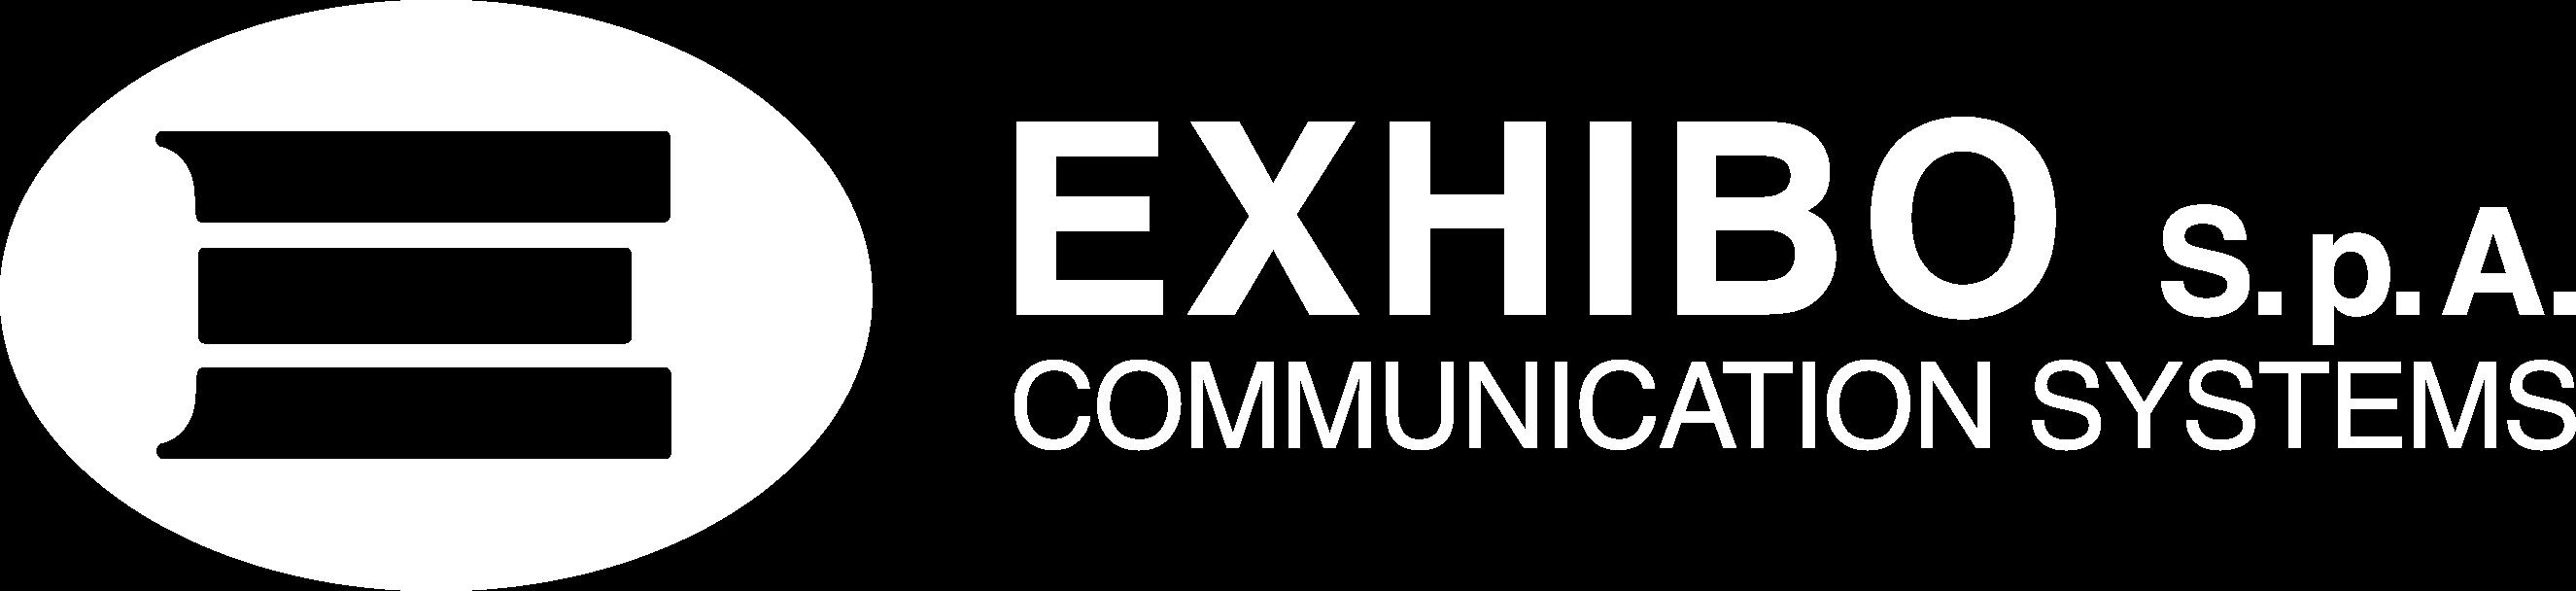 logo exhibo white